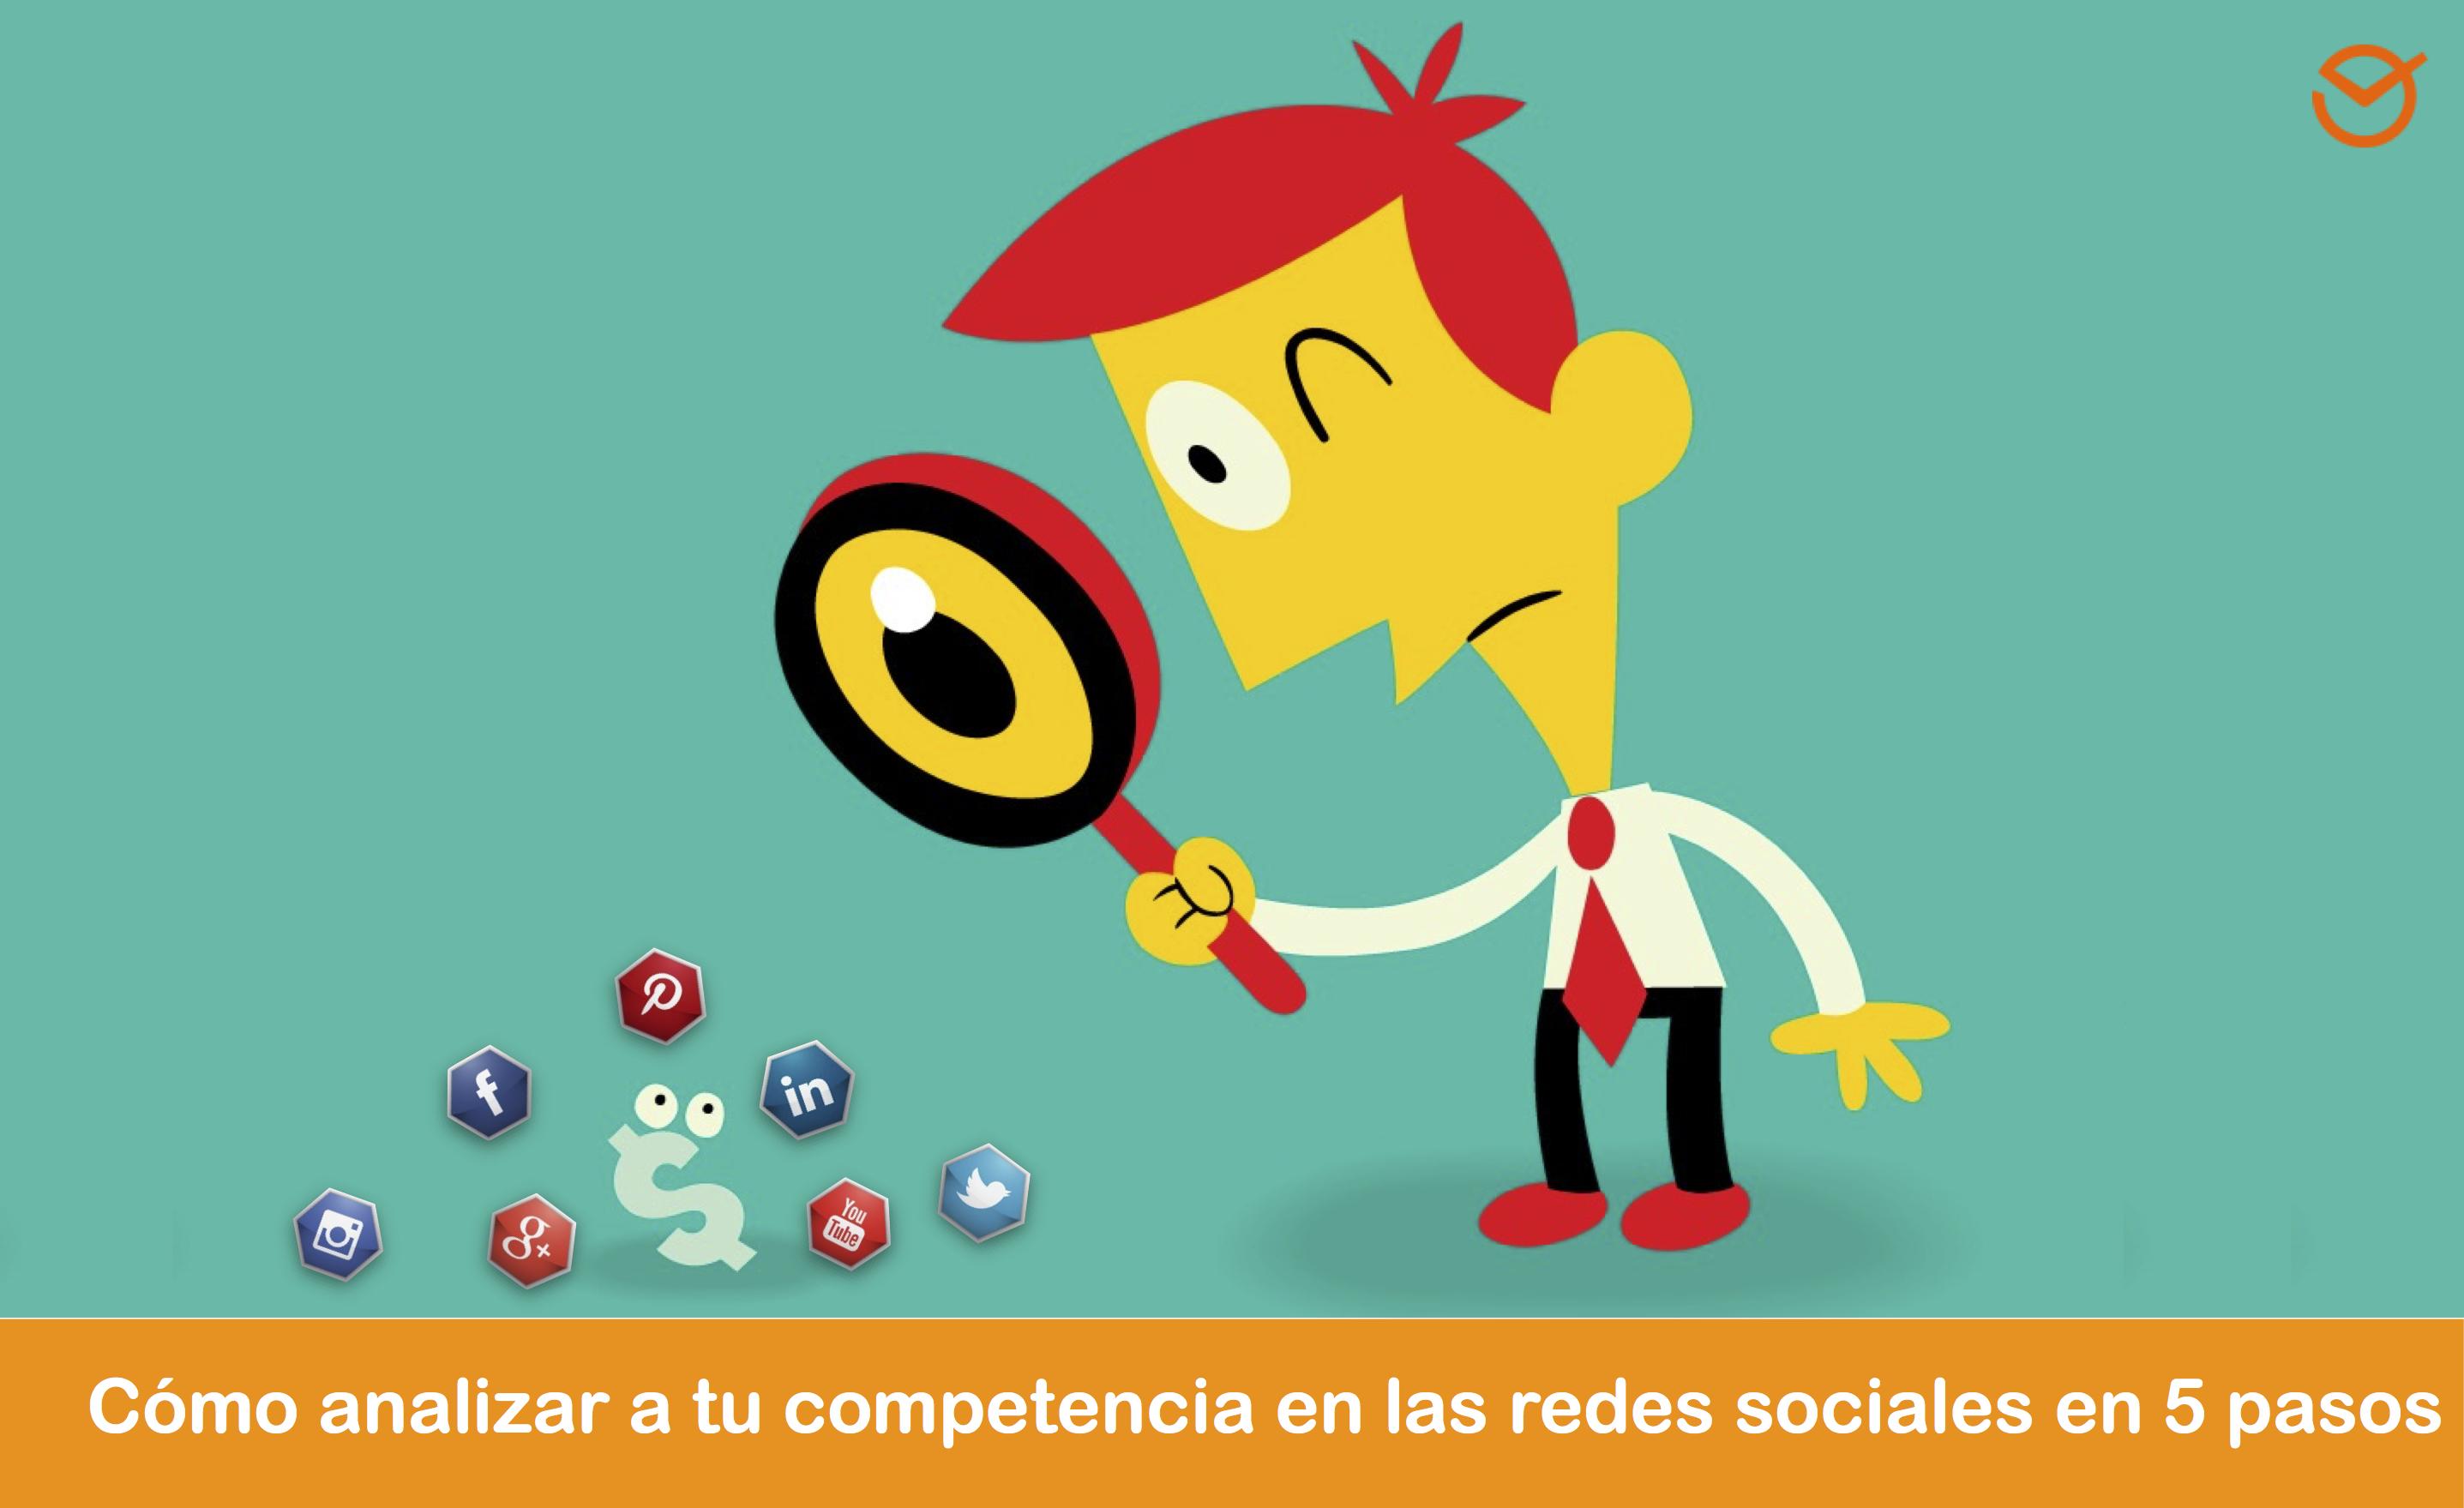 Como Hacer Analisis De La Competencia En Social Media En 5